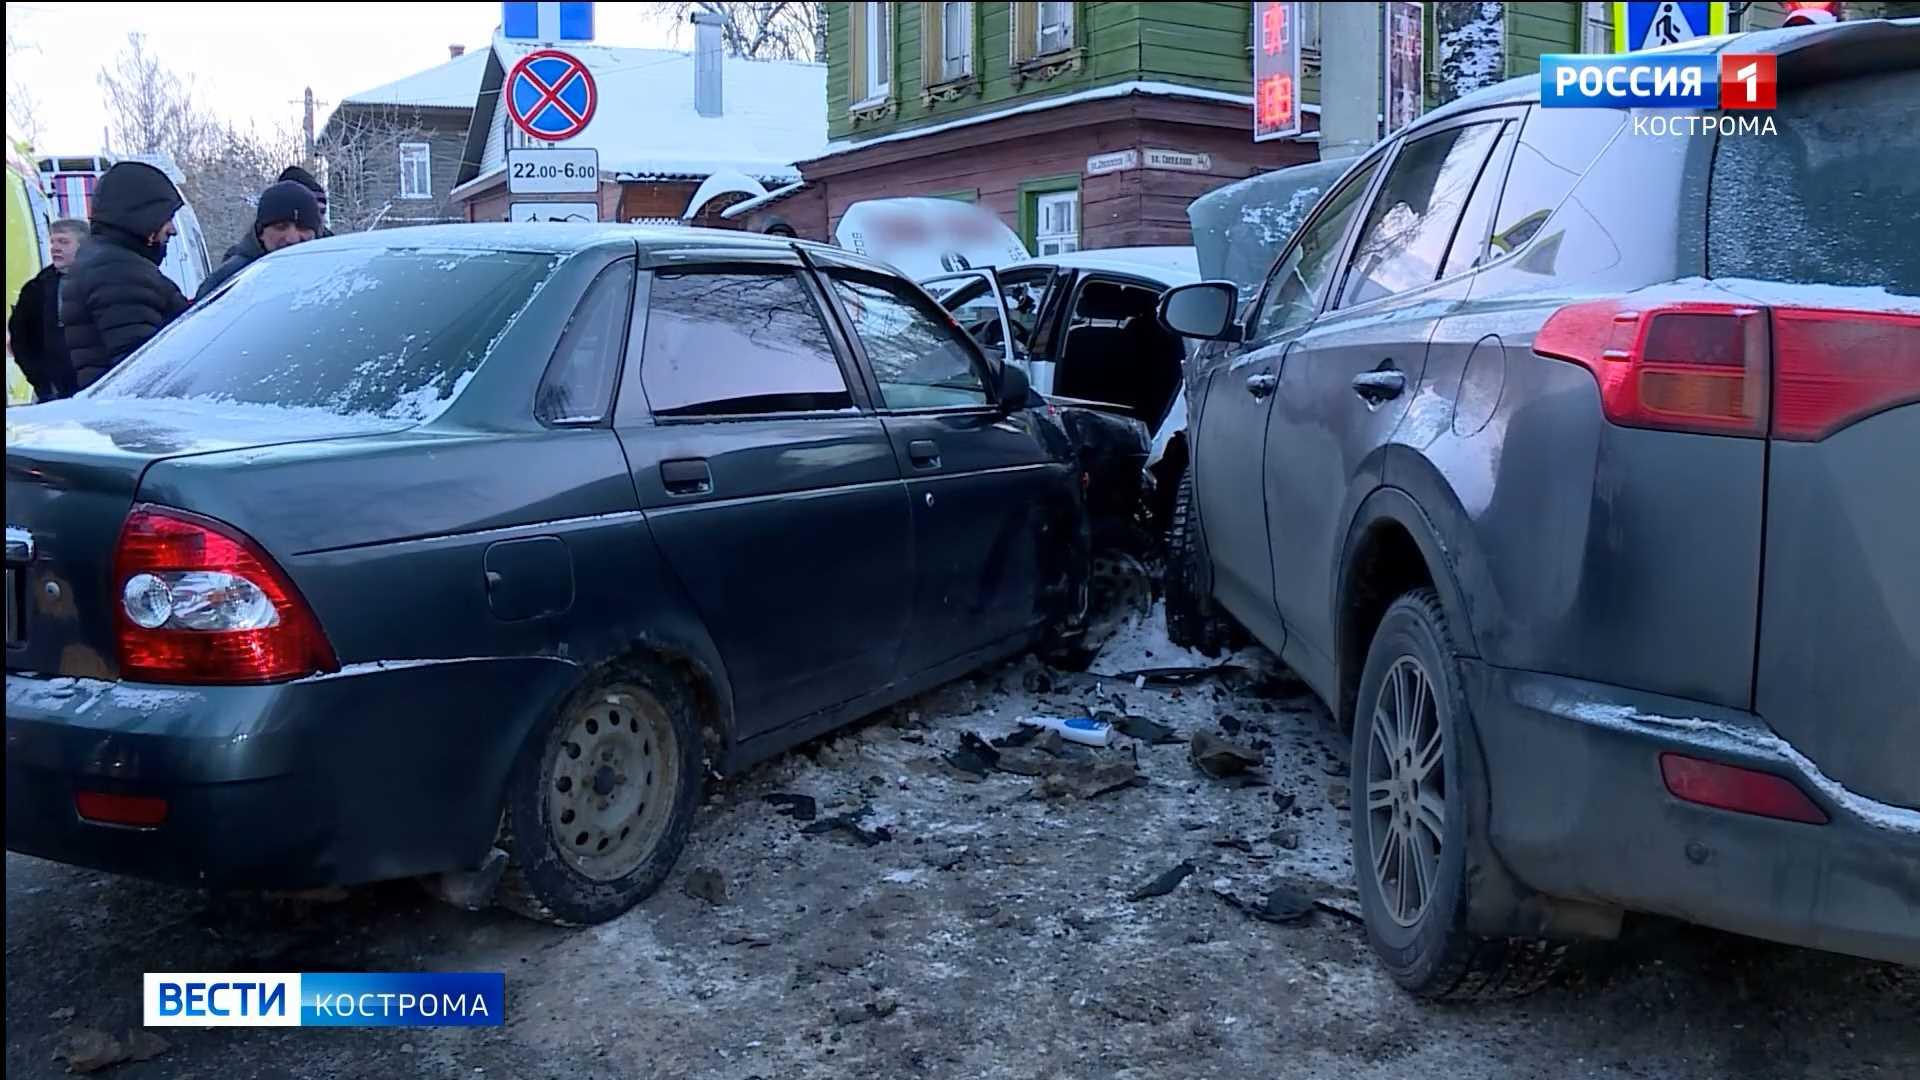 Пять человек пострадали в Костроме из-за торопливого таксиста